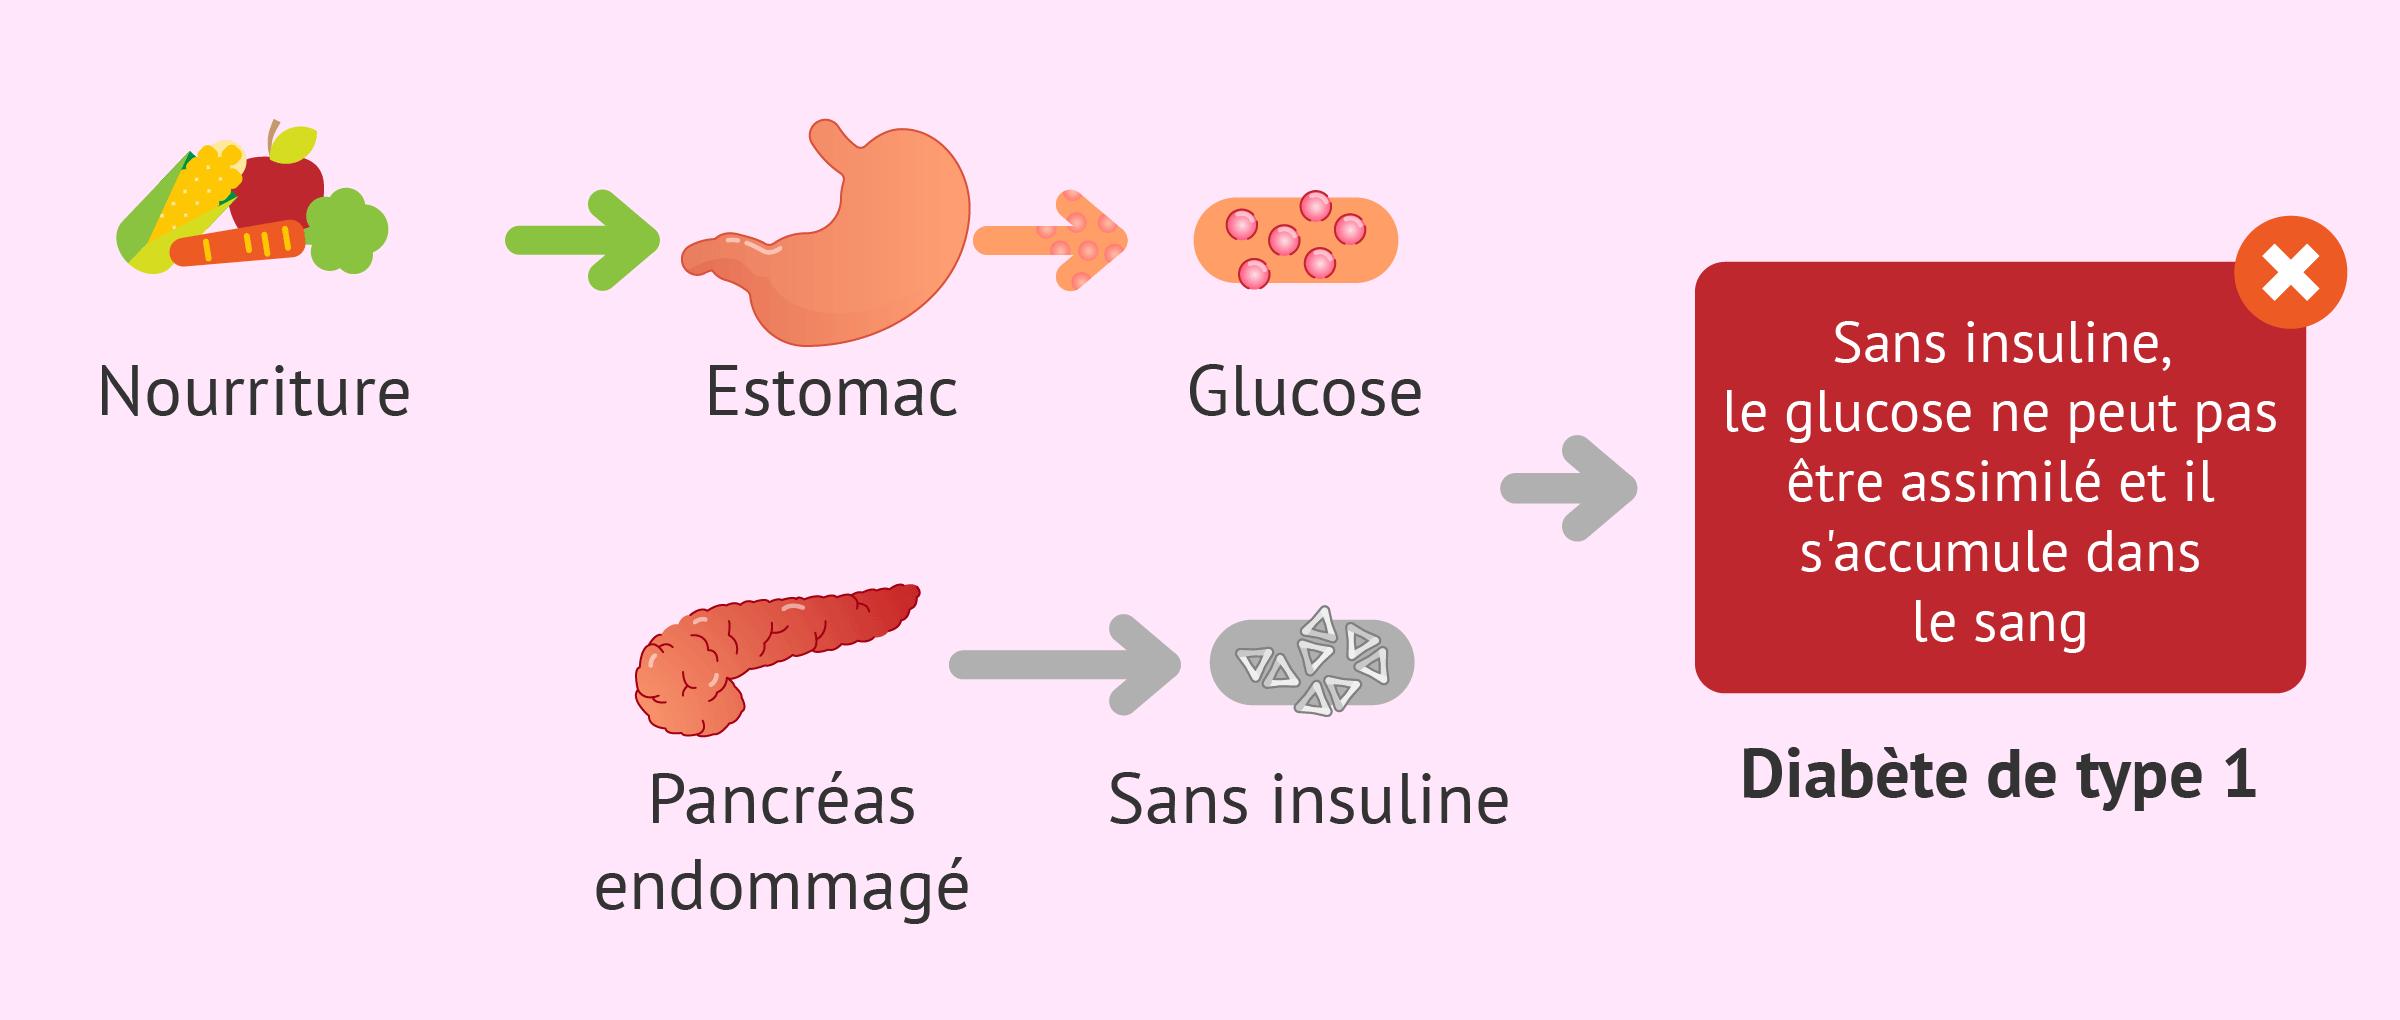 Diabète sucré de type 1